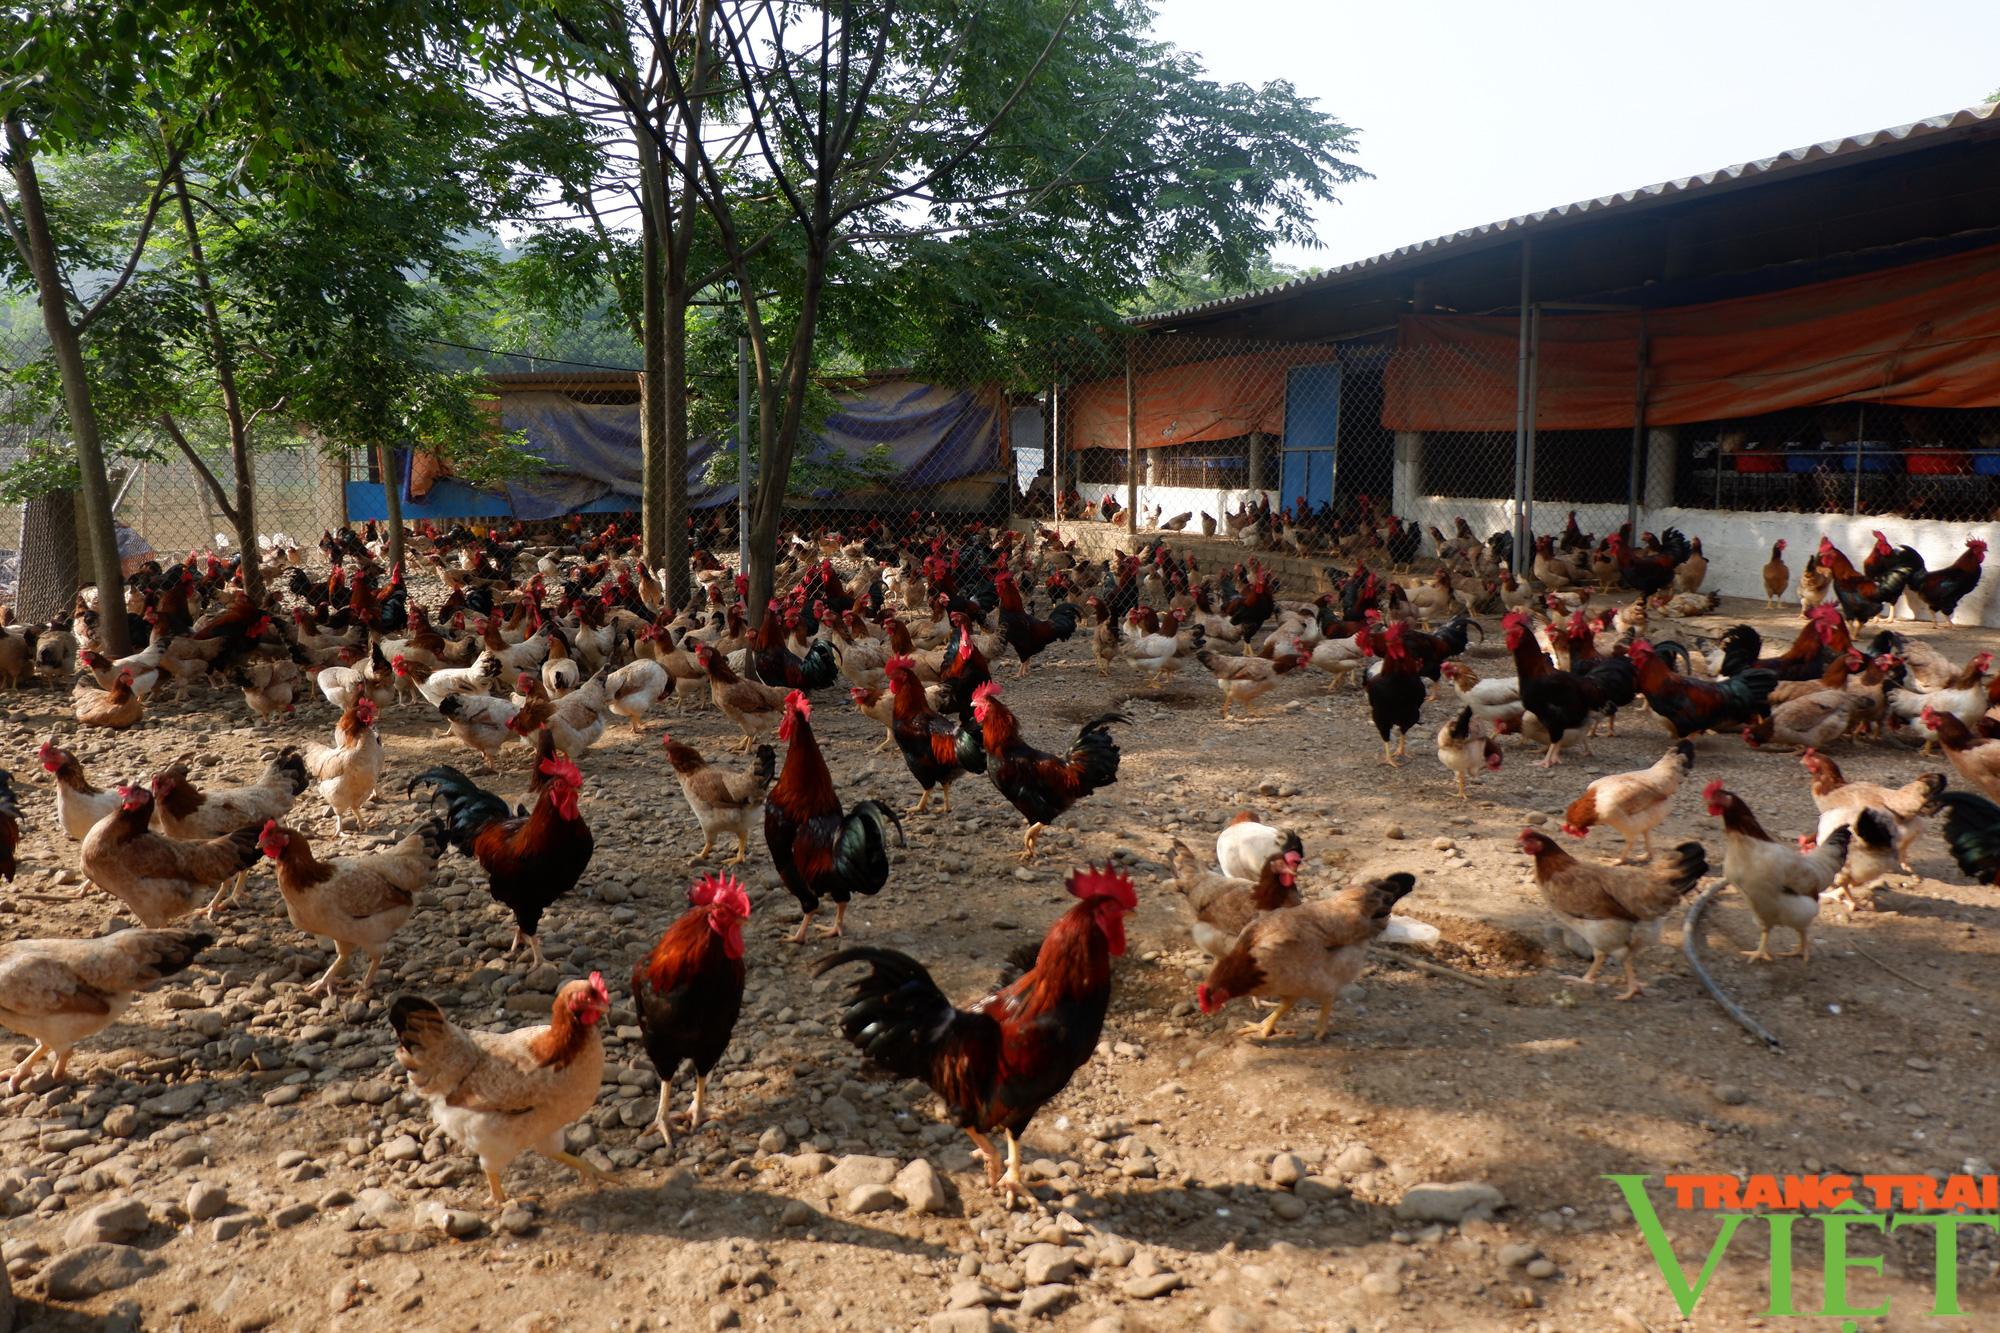 """Hòa Bình: Đệm lót sinh học là """"bí kíp"""" giúp nông dân chăn nuôi gà an toàn, thu tiền tỷ mỗi năm - Ảnh 2."""